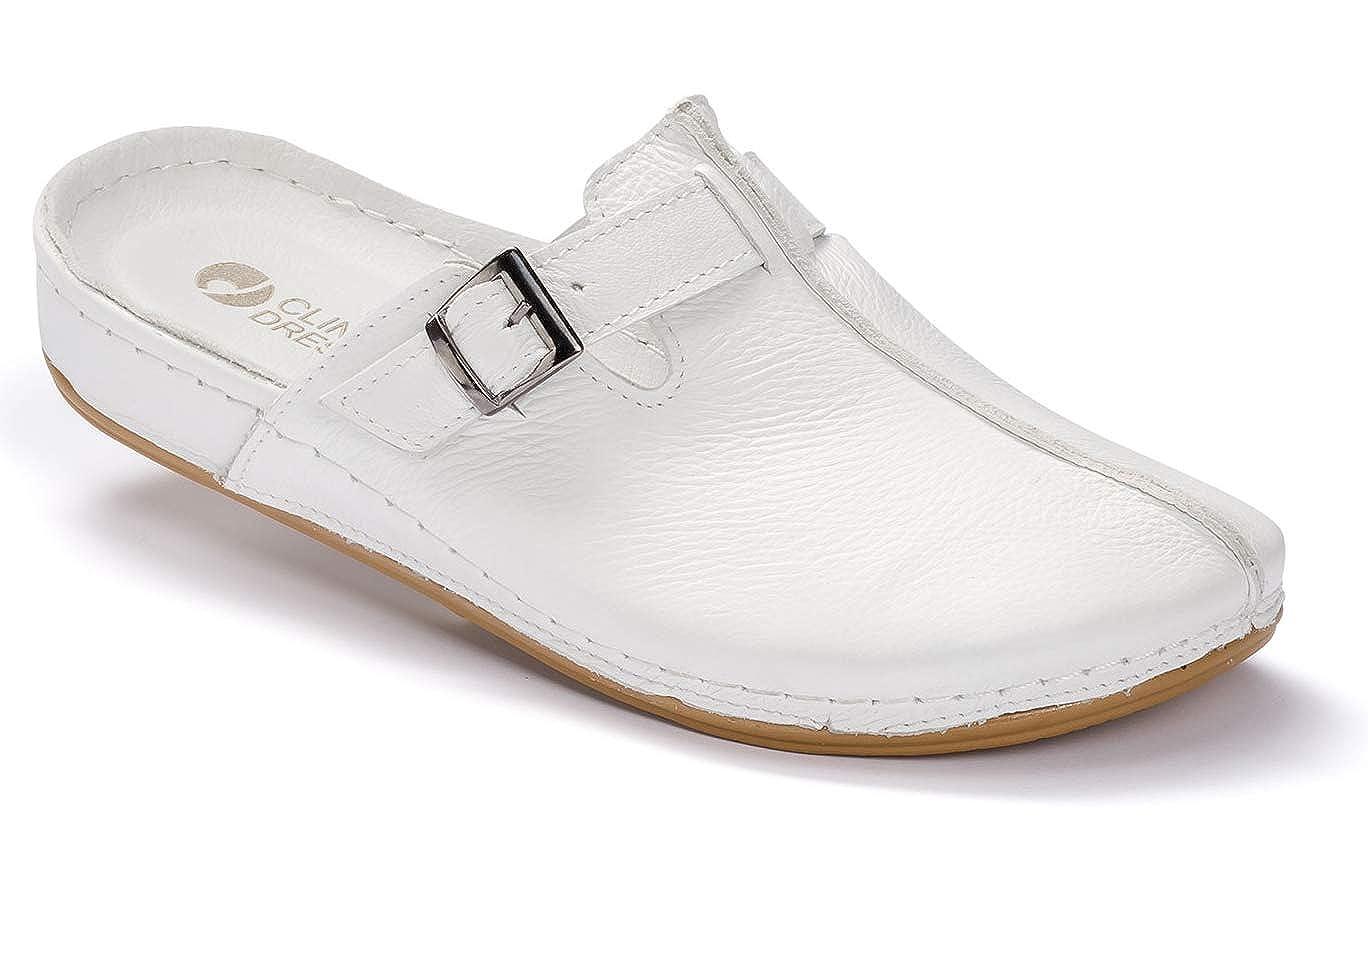 cb4ec1078fbd4f CLINIC DRESS Leder Clogs Fußbett Arbeitsschuhe Arzt Klinik Schuhe  Arbeitsschuhe (38 EU)  Amazon.de  Schuhe   Handtaschen